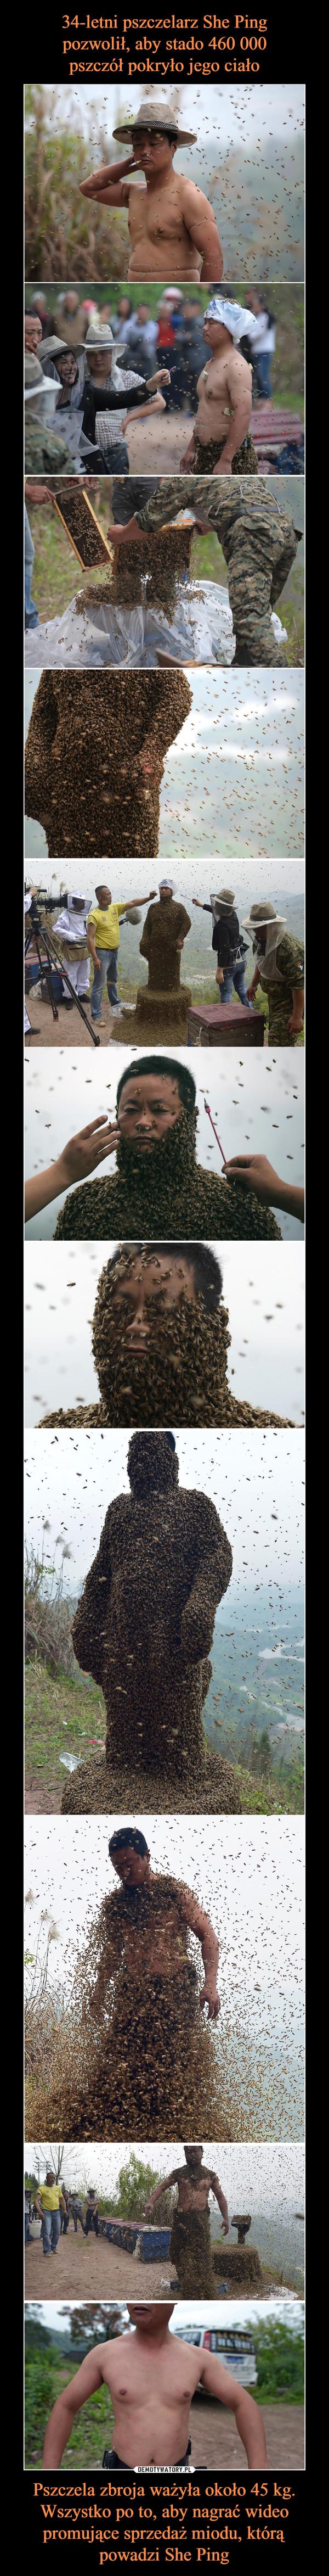 Pszczela zbroja ważyła około 45 kg. Wszystko po to, aby nagrać wideo promujące sprzedaż miodu, którą powadzi She Ping –